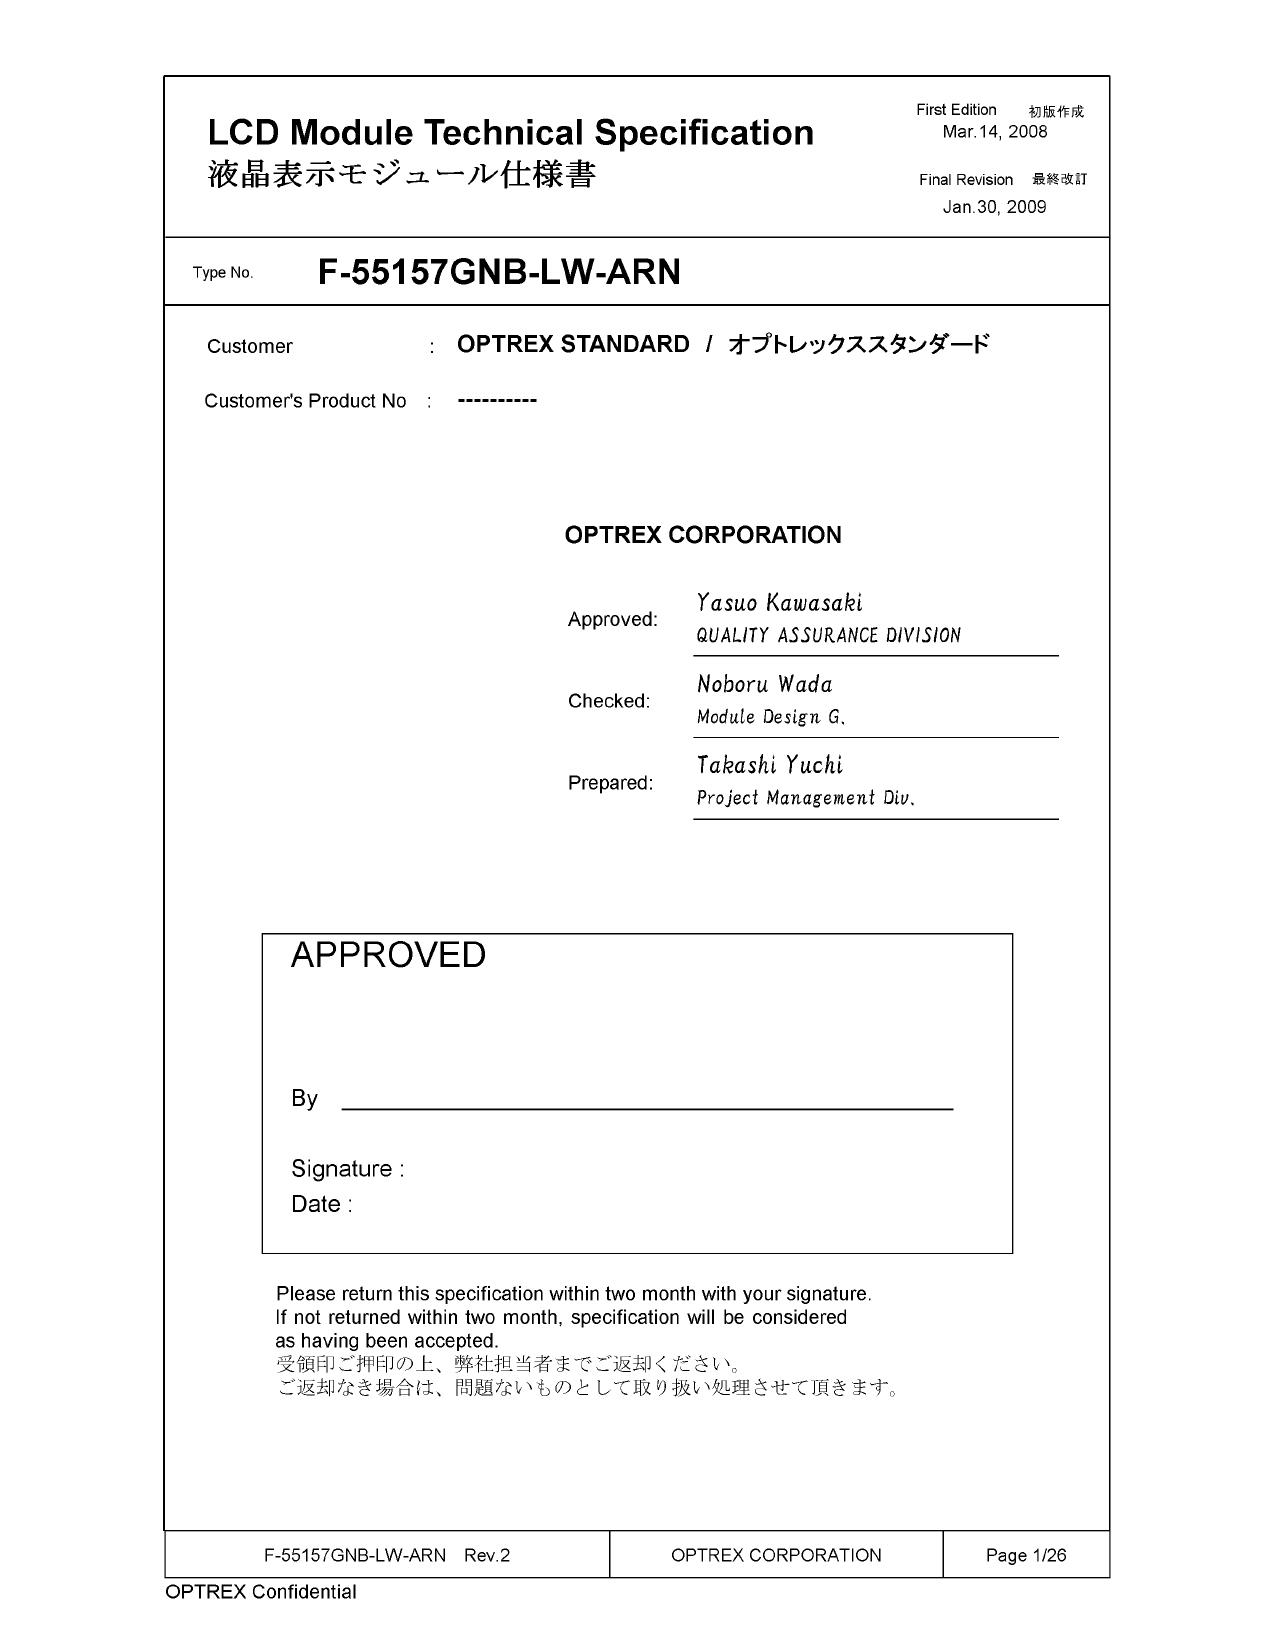 F-55157GNB-LW-ARN datasheet